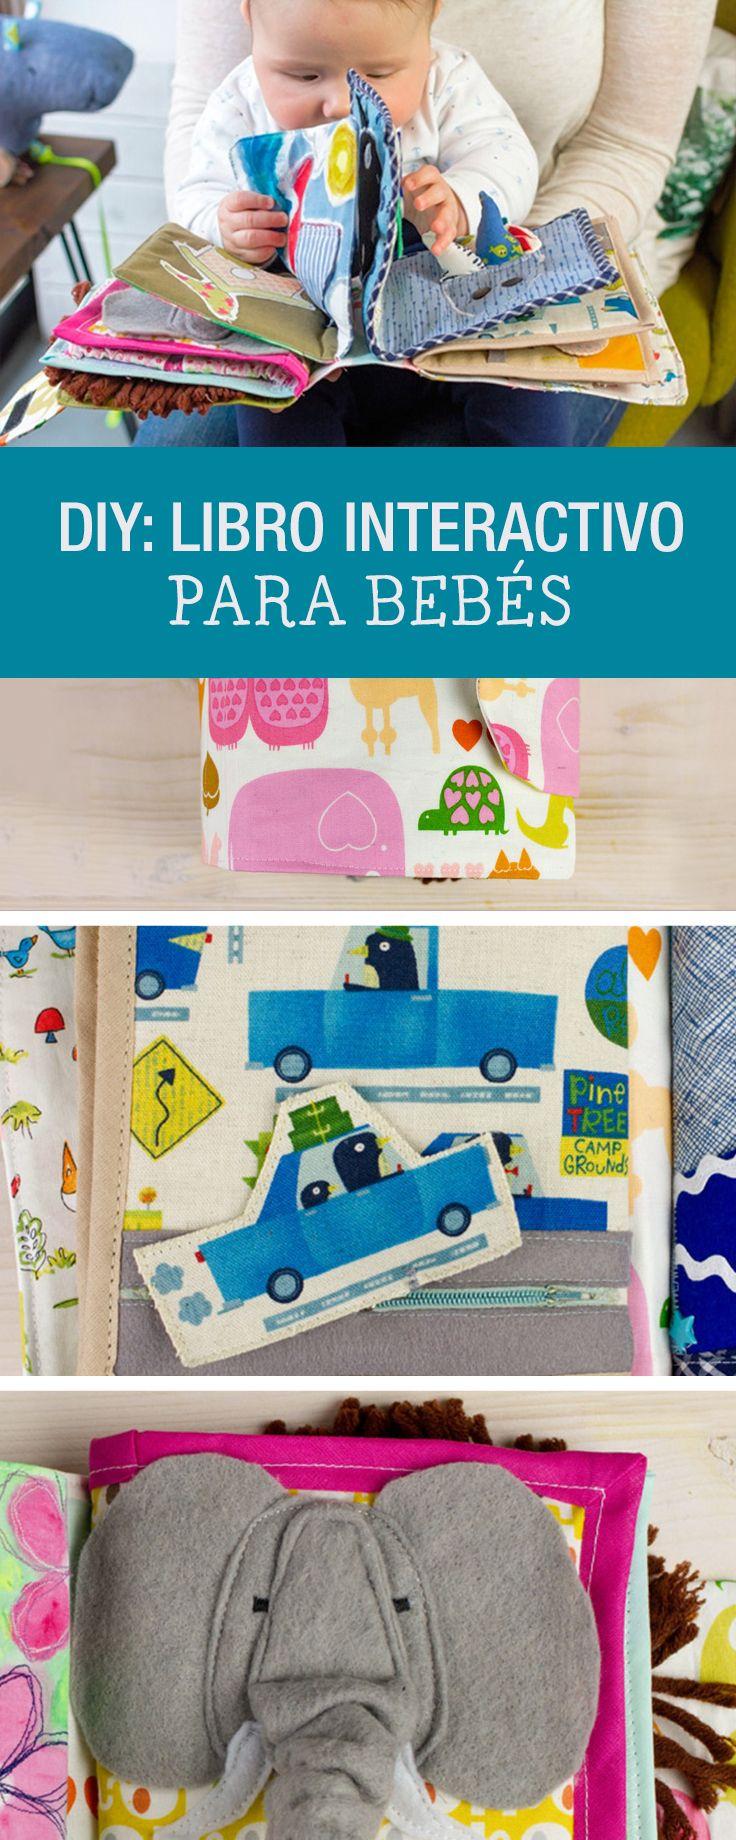 Cómo Hacer Un Libro Interactivo Para Bebés Diy Manualidades Niños Kids Design Diseño He Como Hacer Un Libro Hacer Un Libro Libros Sensoriales Para Niños